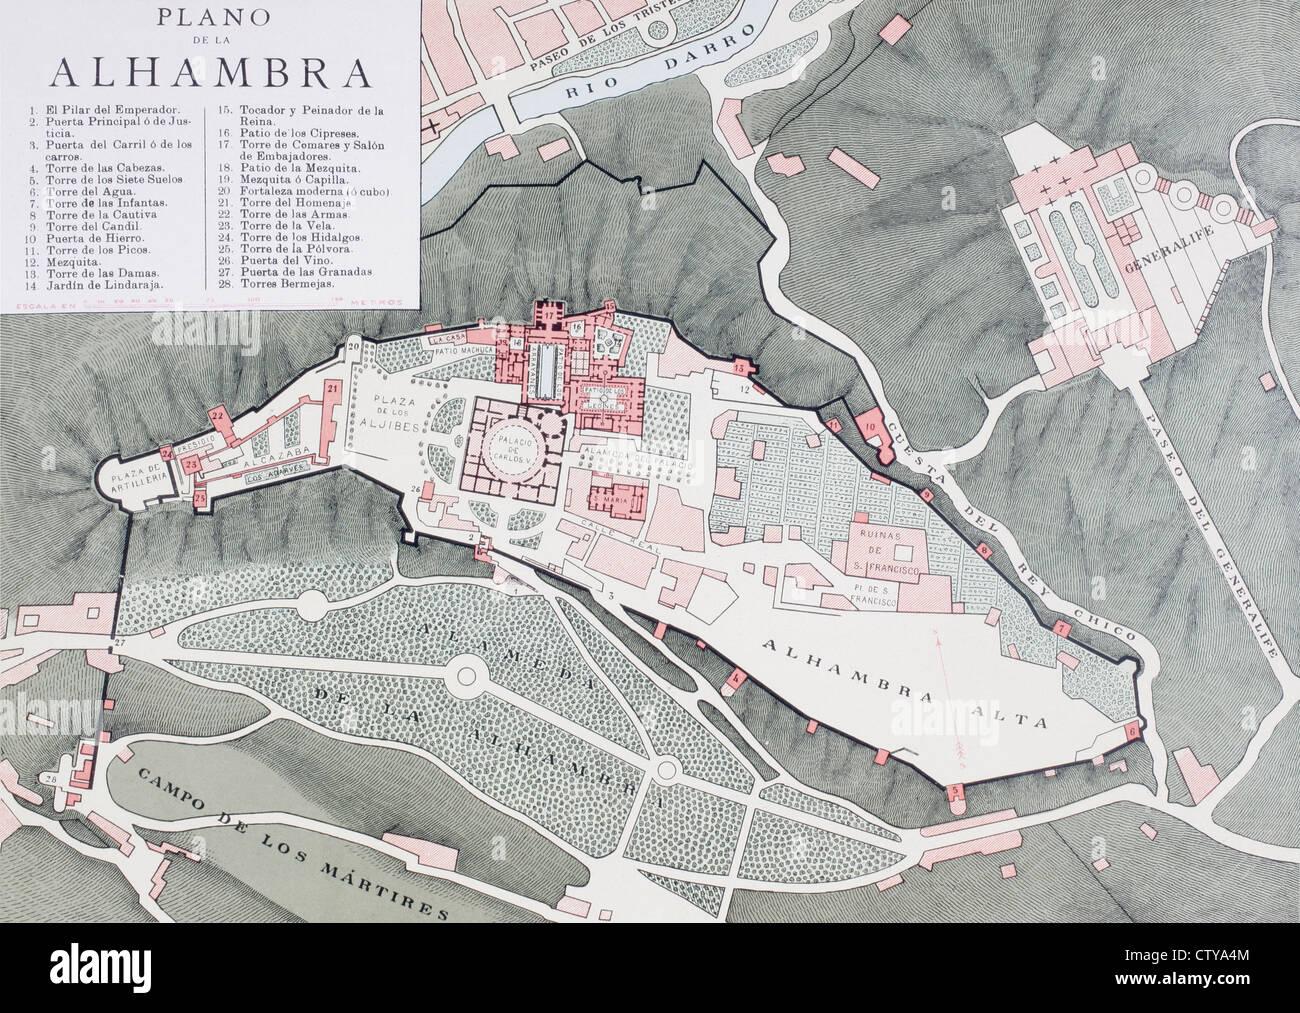 Granada, Spagna. Pianta della Alhambra e quartieri circostanti intorno alla fine del XX secolo Immagini Stock